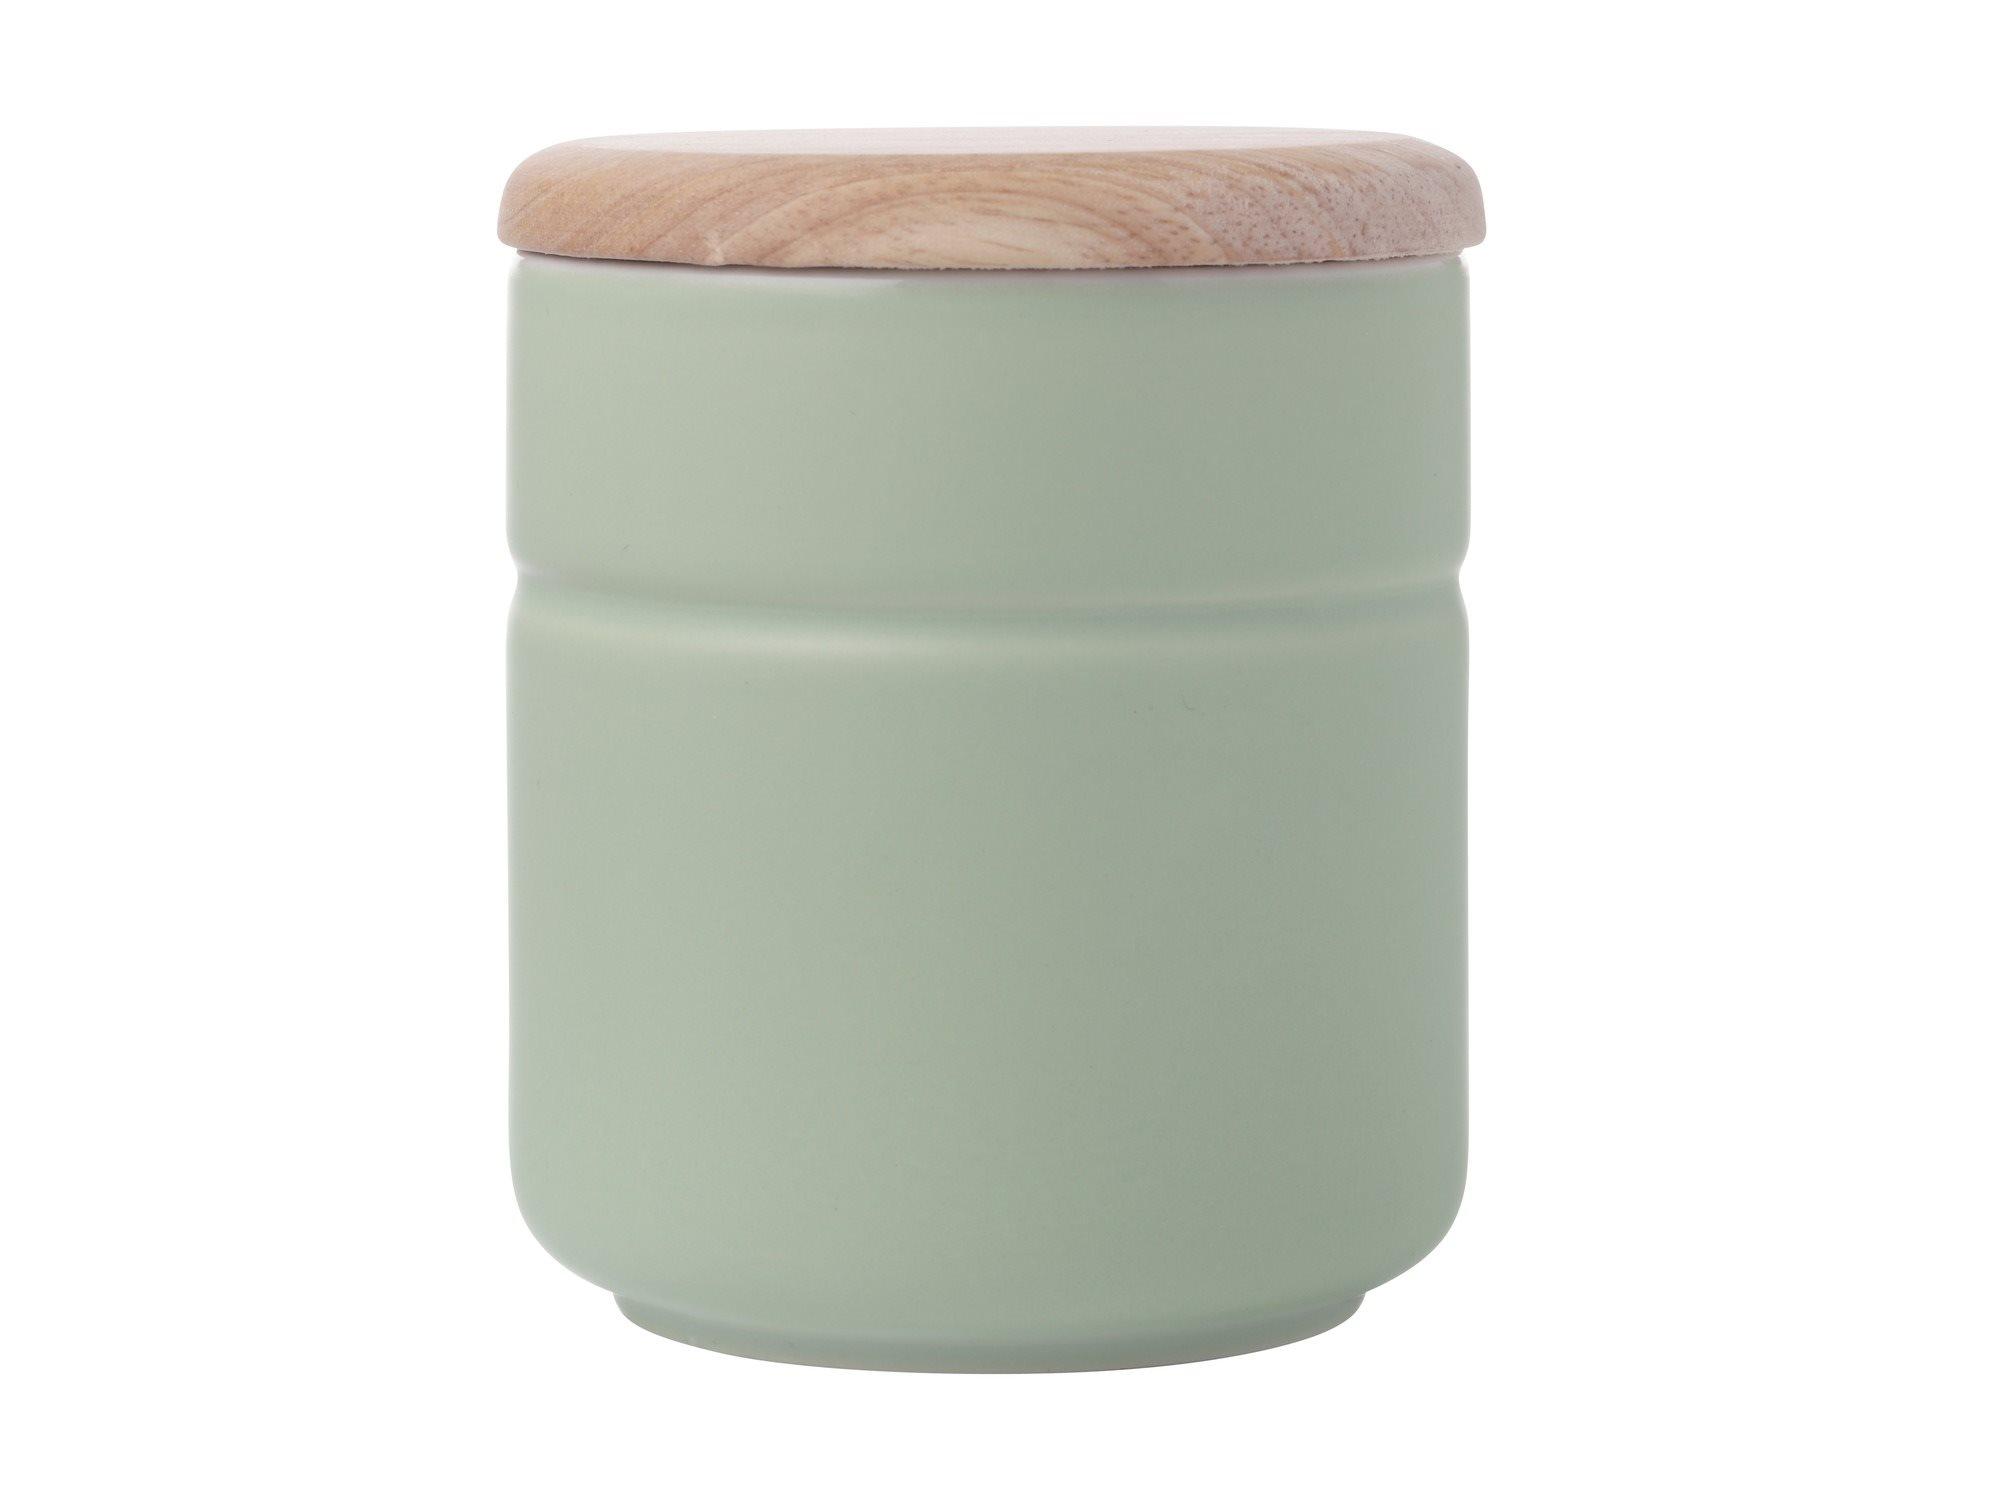 Maxwell & Williams Δοχείο Πράσινο Tint 600ml